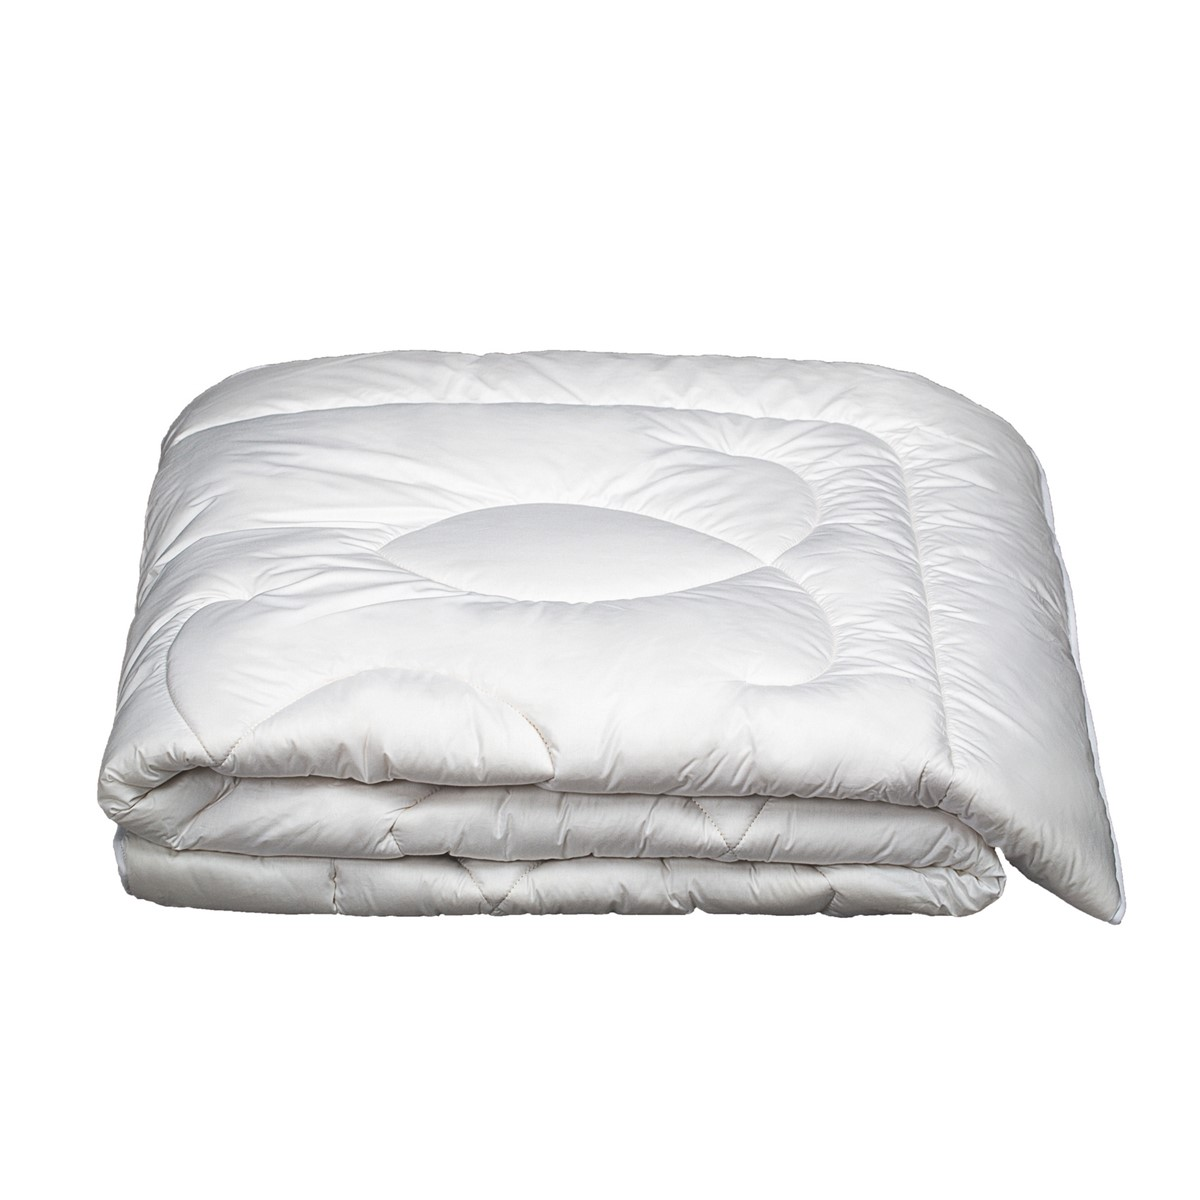 Couette Chaude Naturel en Laine Très chaud Blanc 240x260 cm